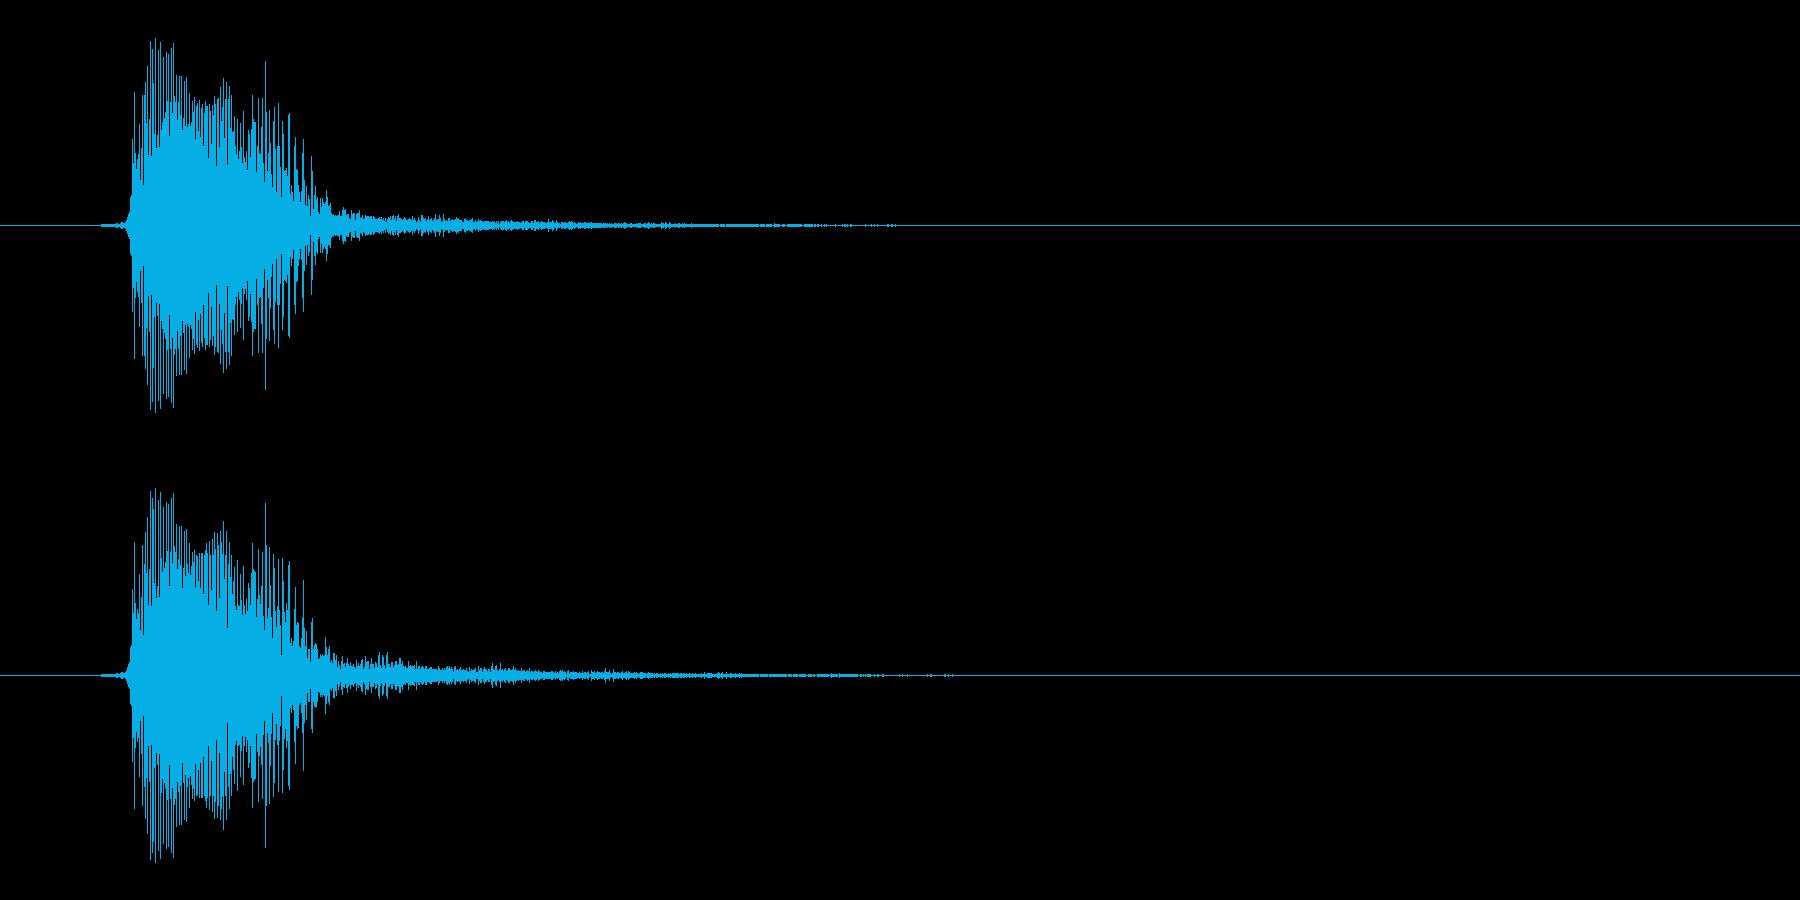 宇宙人ボイス的効果音。かわいい系。の再生済みの波形